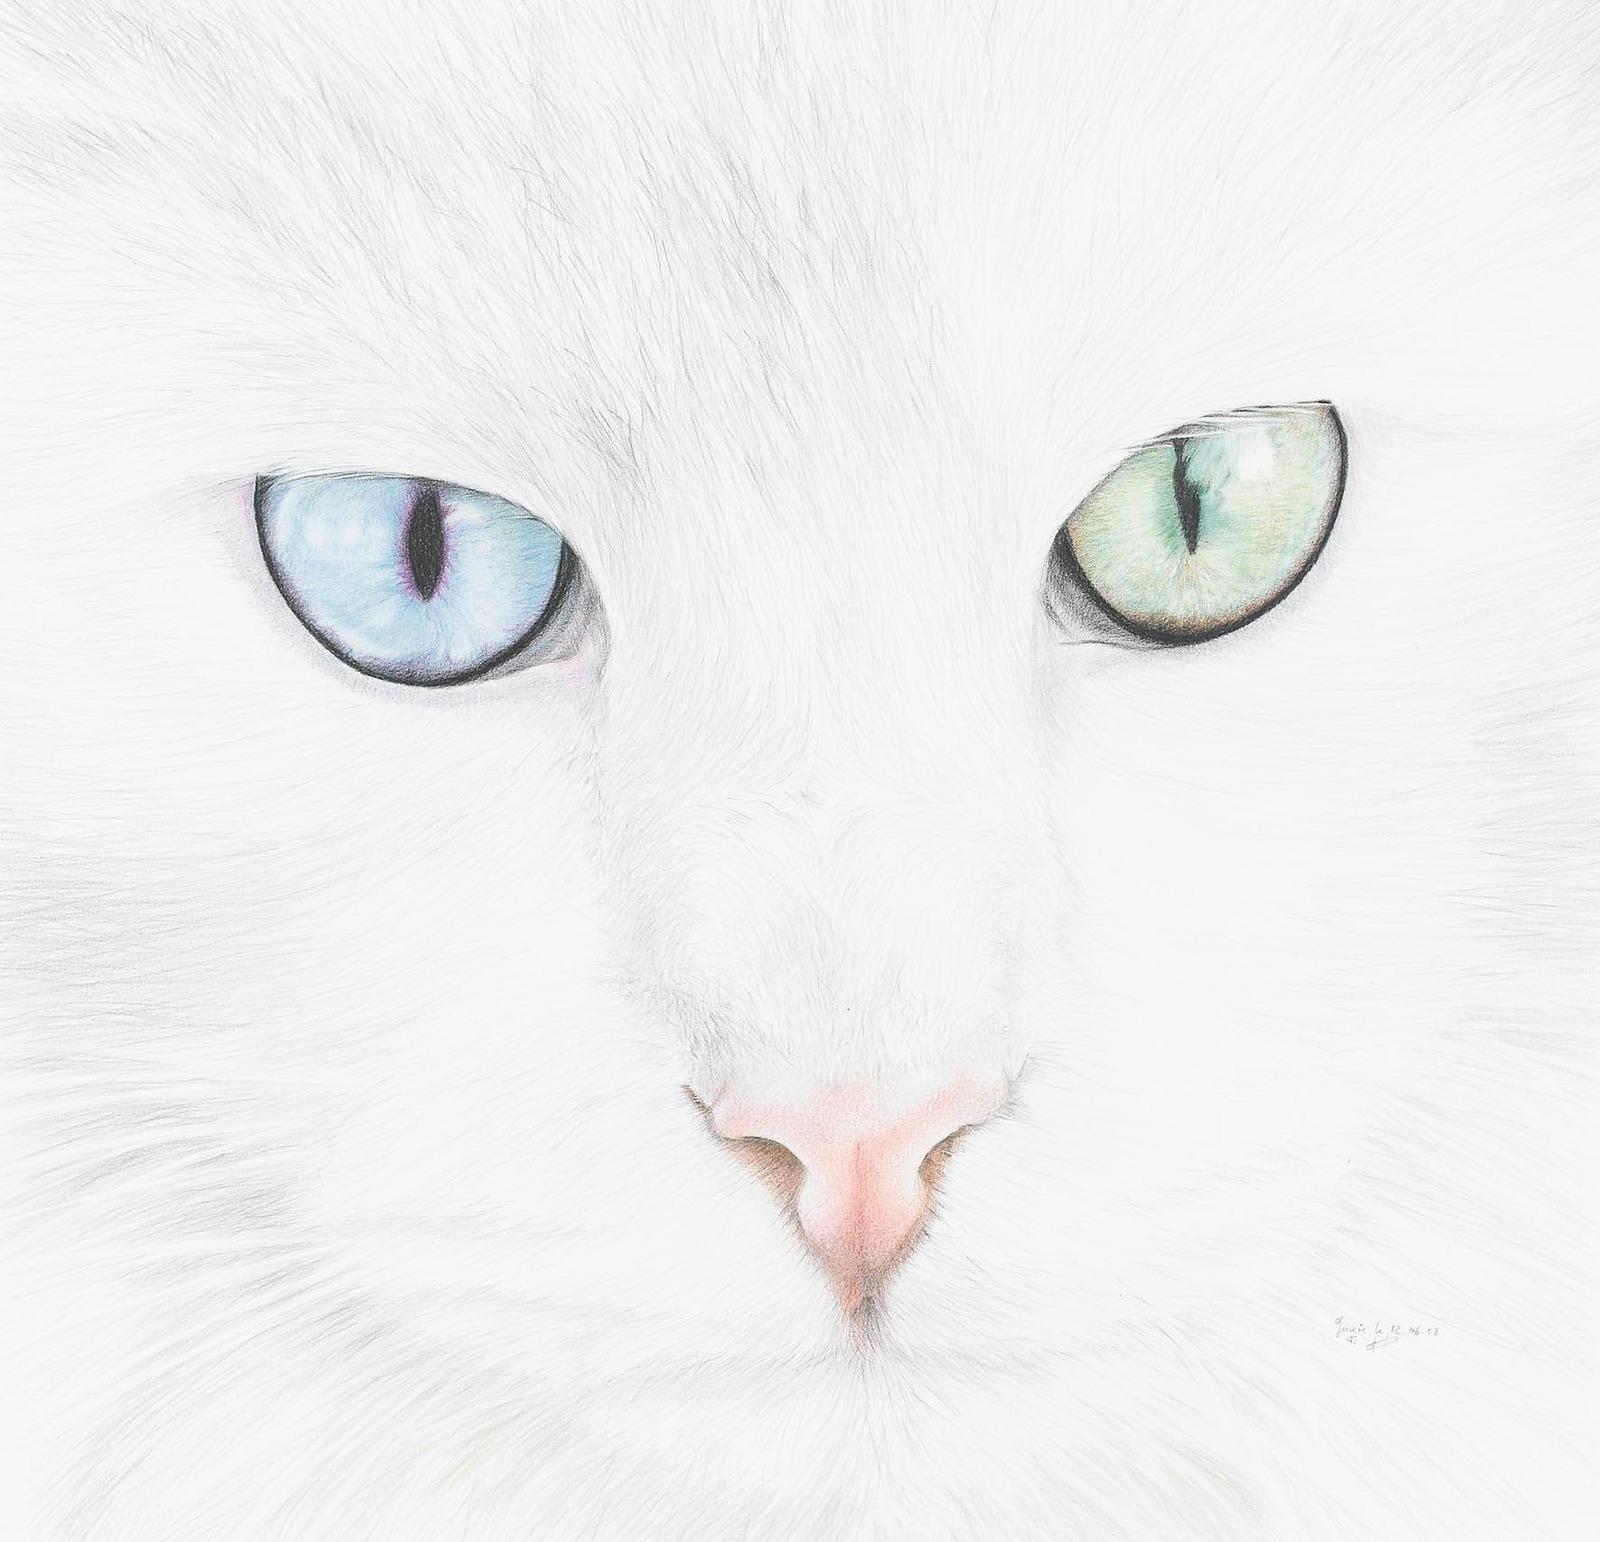 Кошачьи глаза картинки рисунок